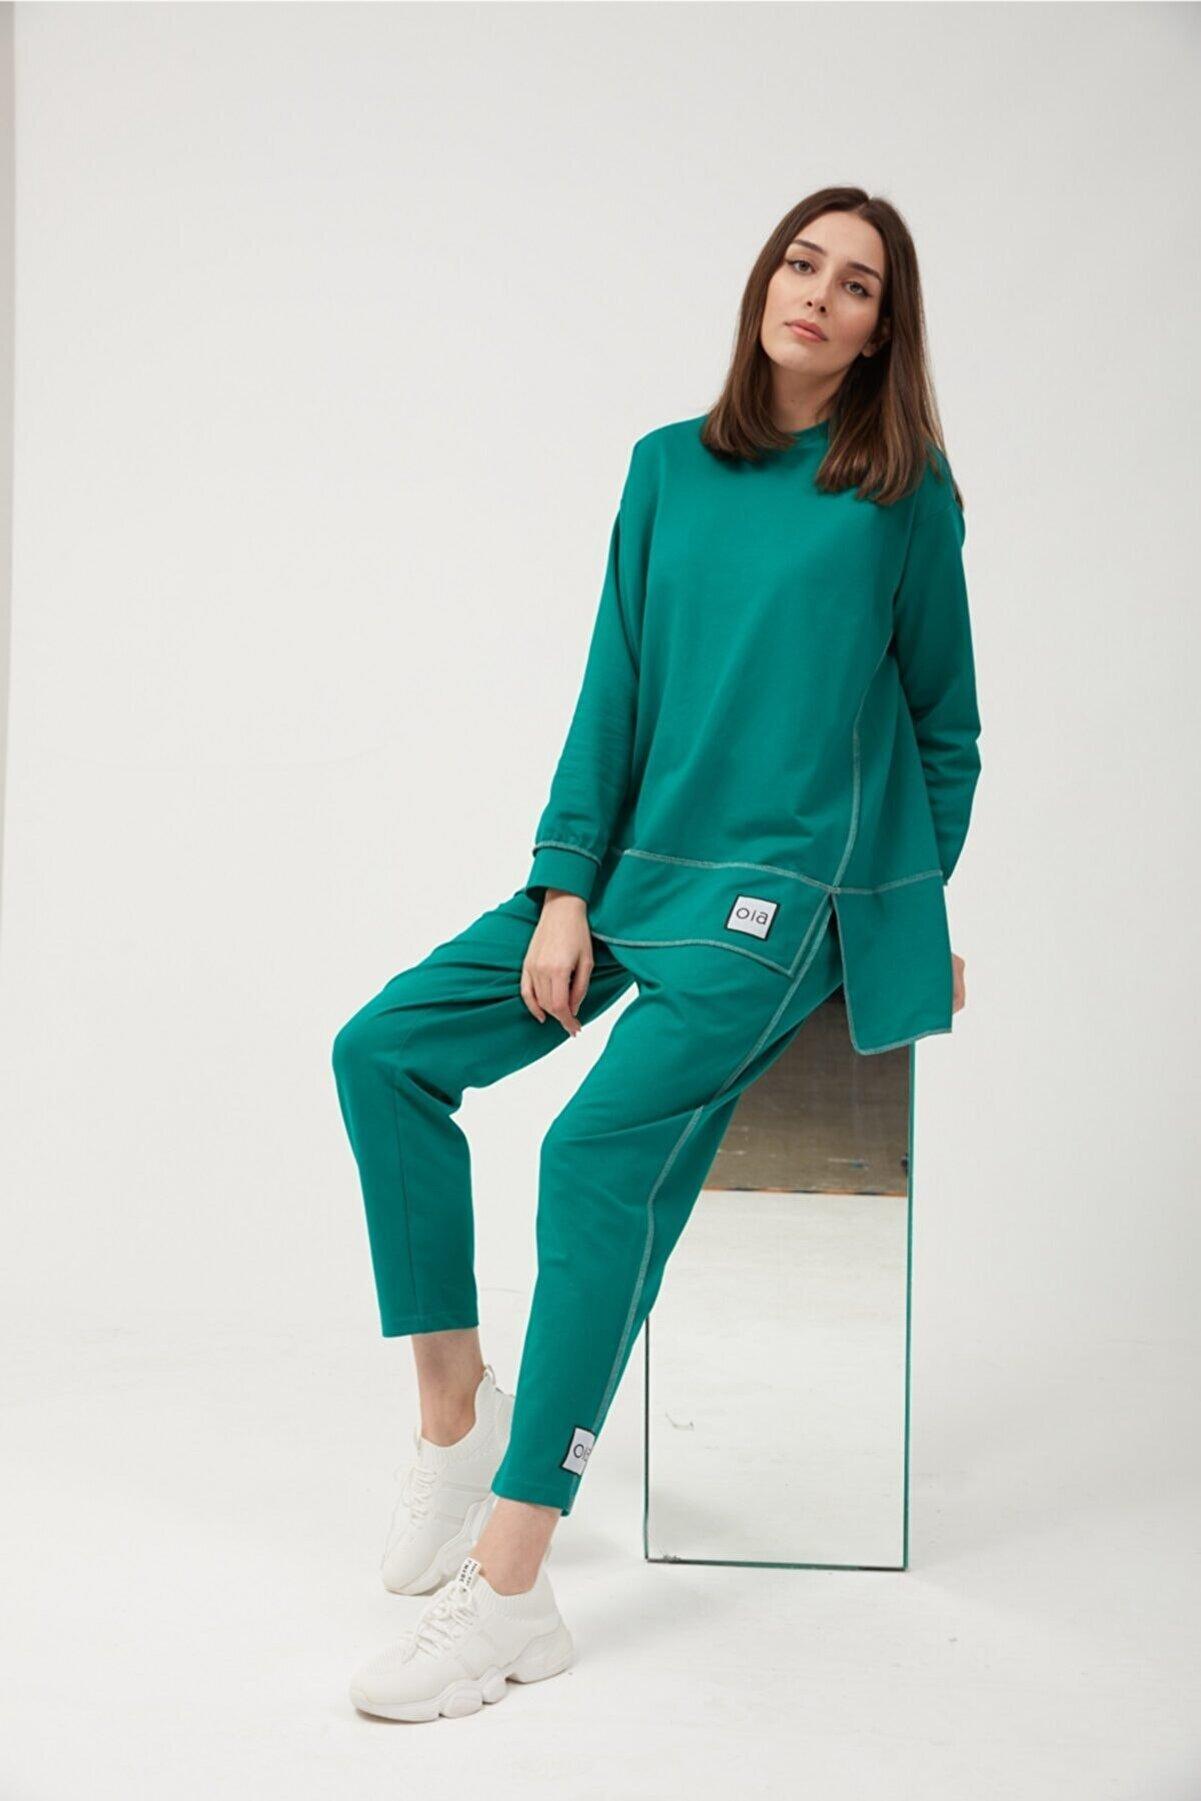 oia Kadın Yeşil Pamuklu Tunik Eşofman Takım W0943